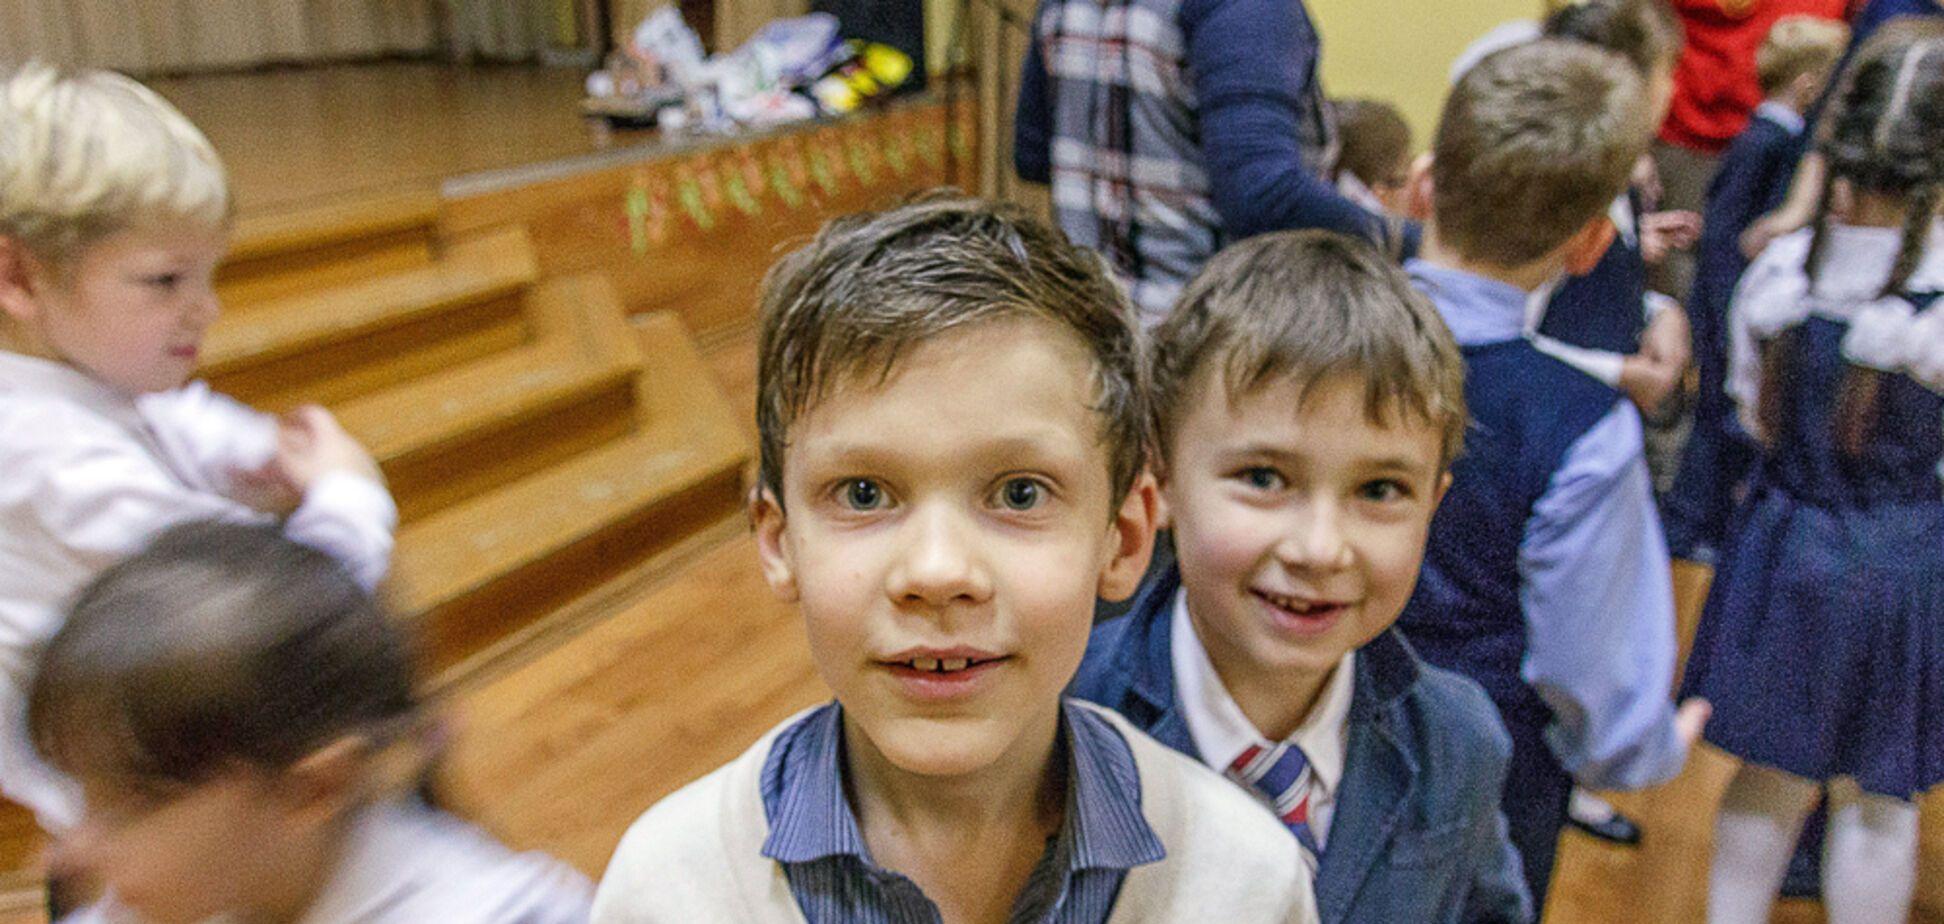 'Главные мои планы - выжить': в сети показали сочинения детей с Донбасса